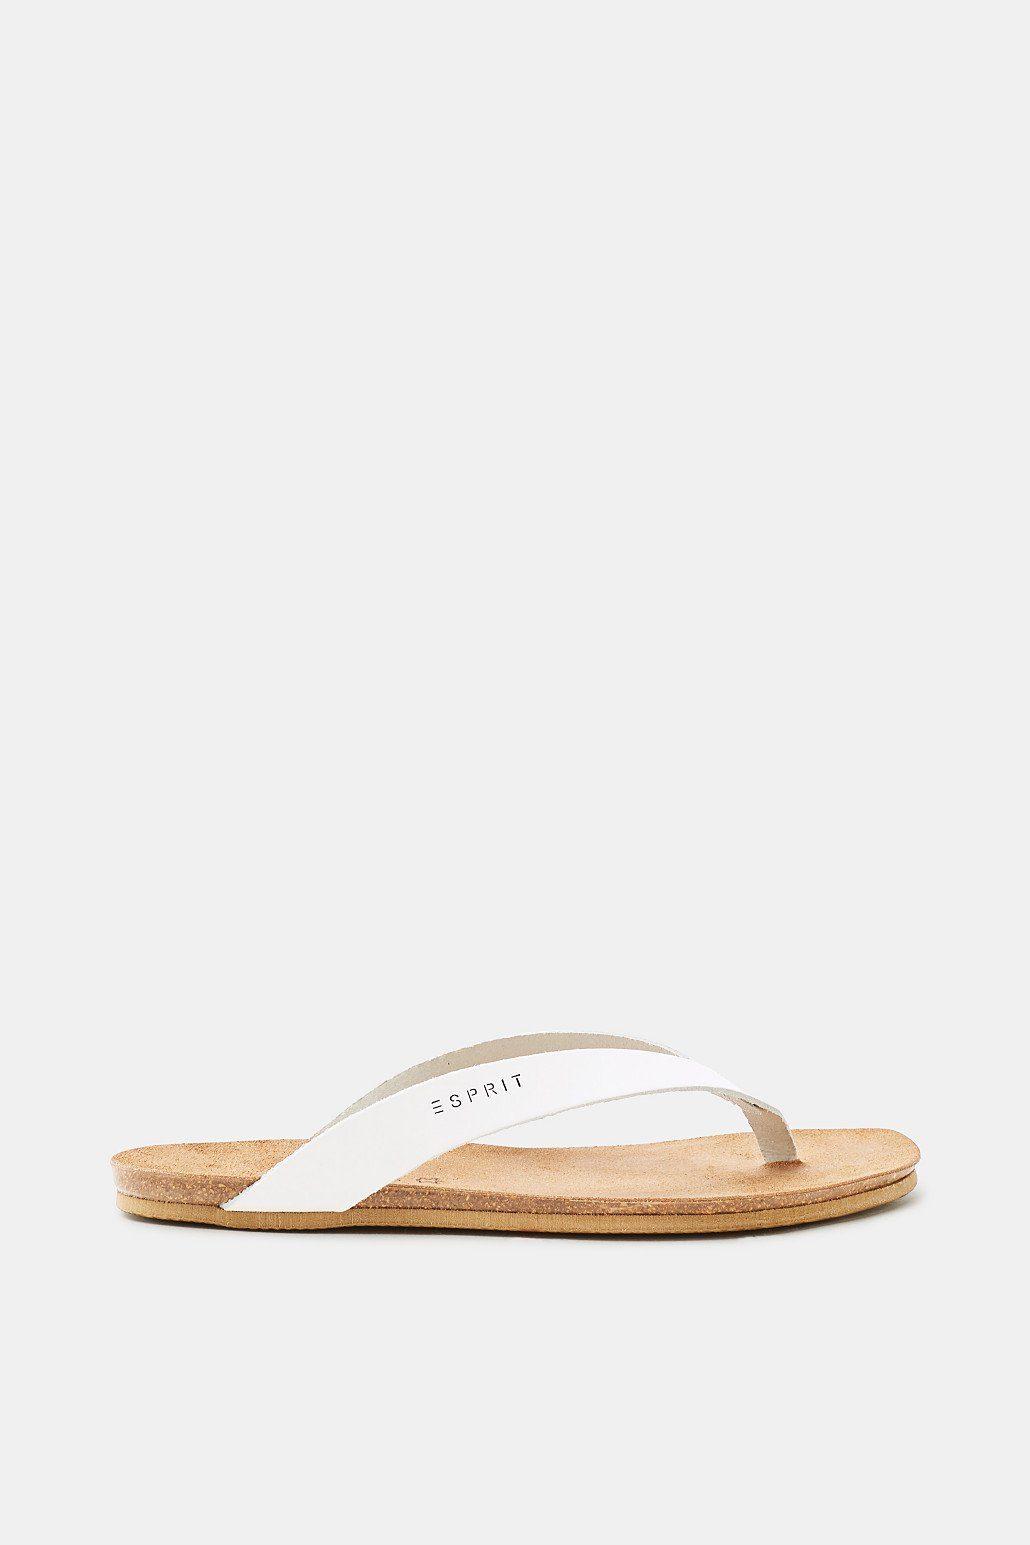 ESPRIT Leder-Zehentrenner mit angedeutetem Fußbett  WHITE